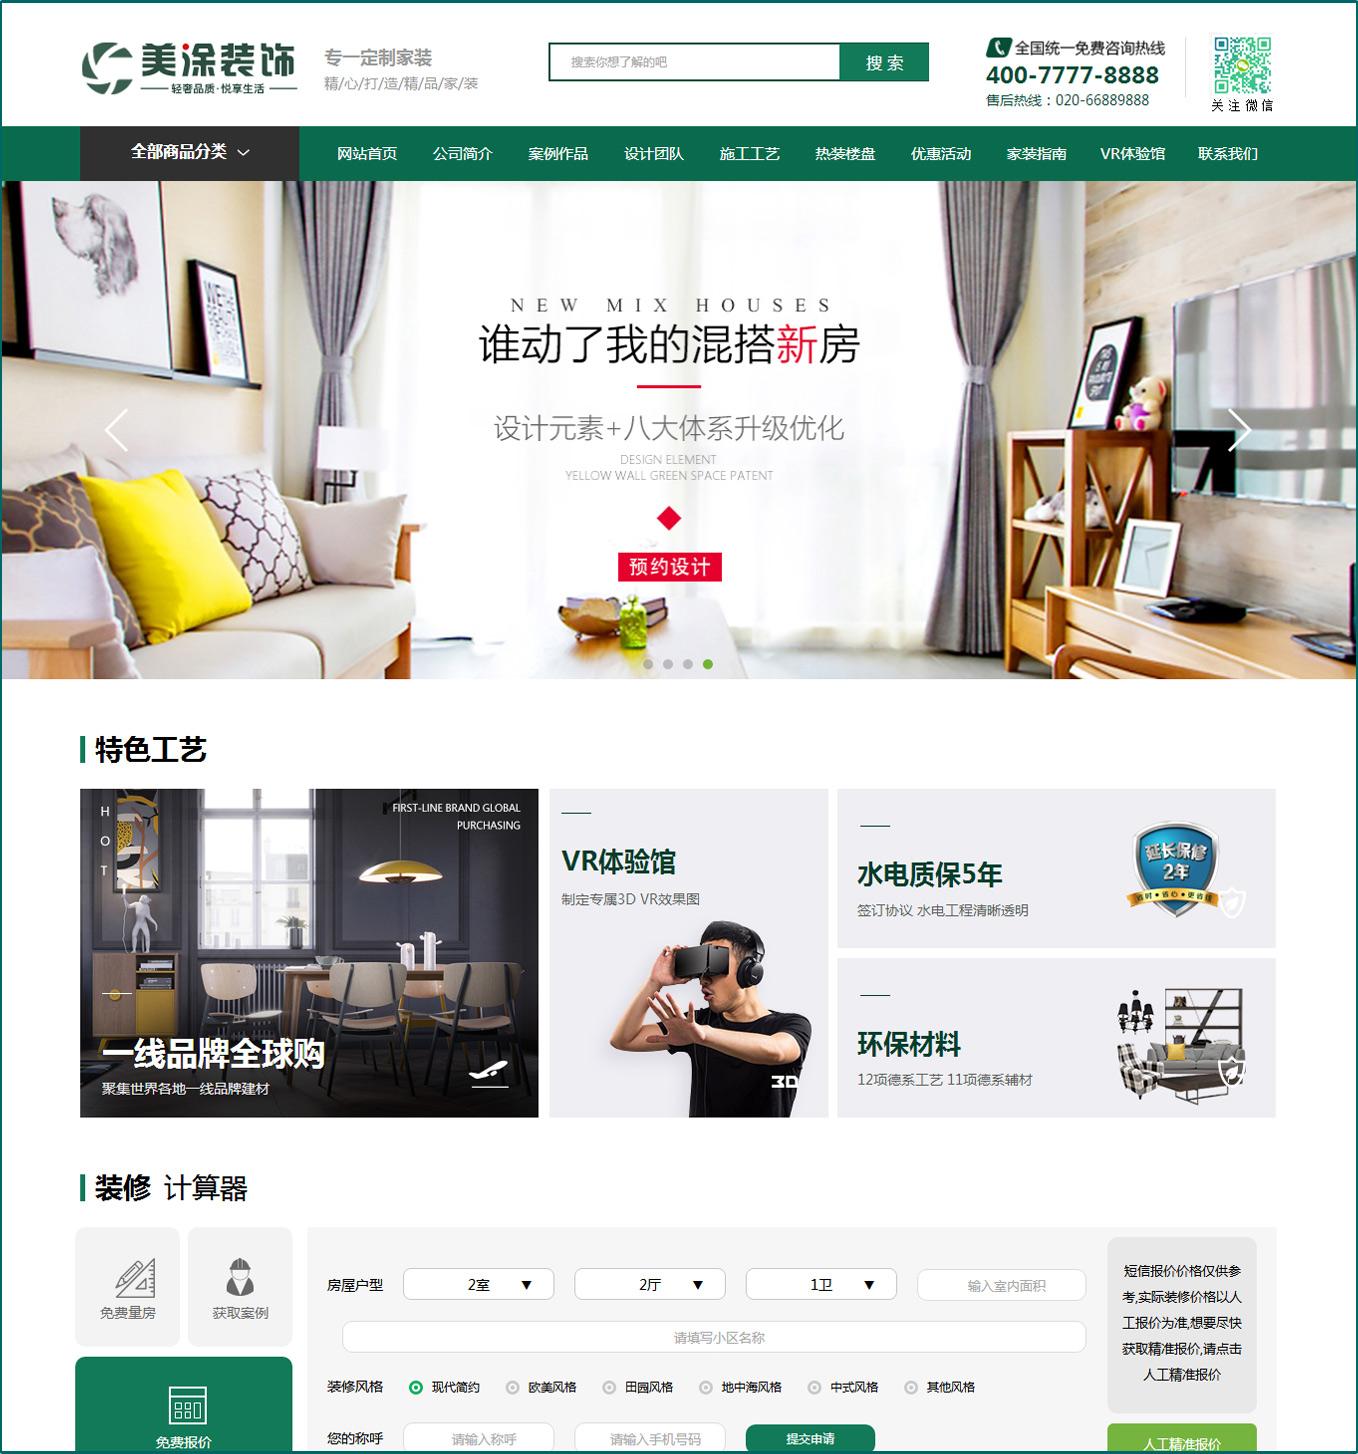 HTML5响应式装饰公司网站源码 DEDECM企业网站织梦模板(带手机端)